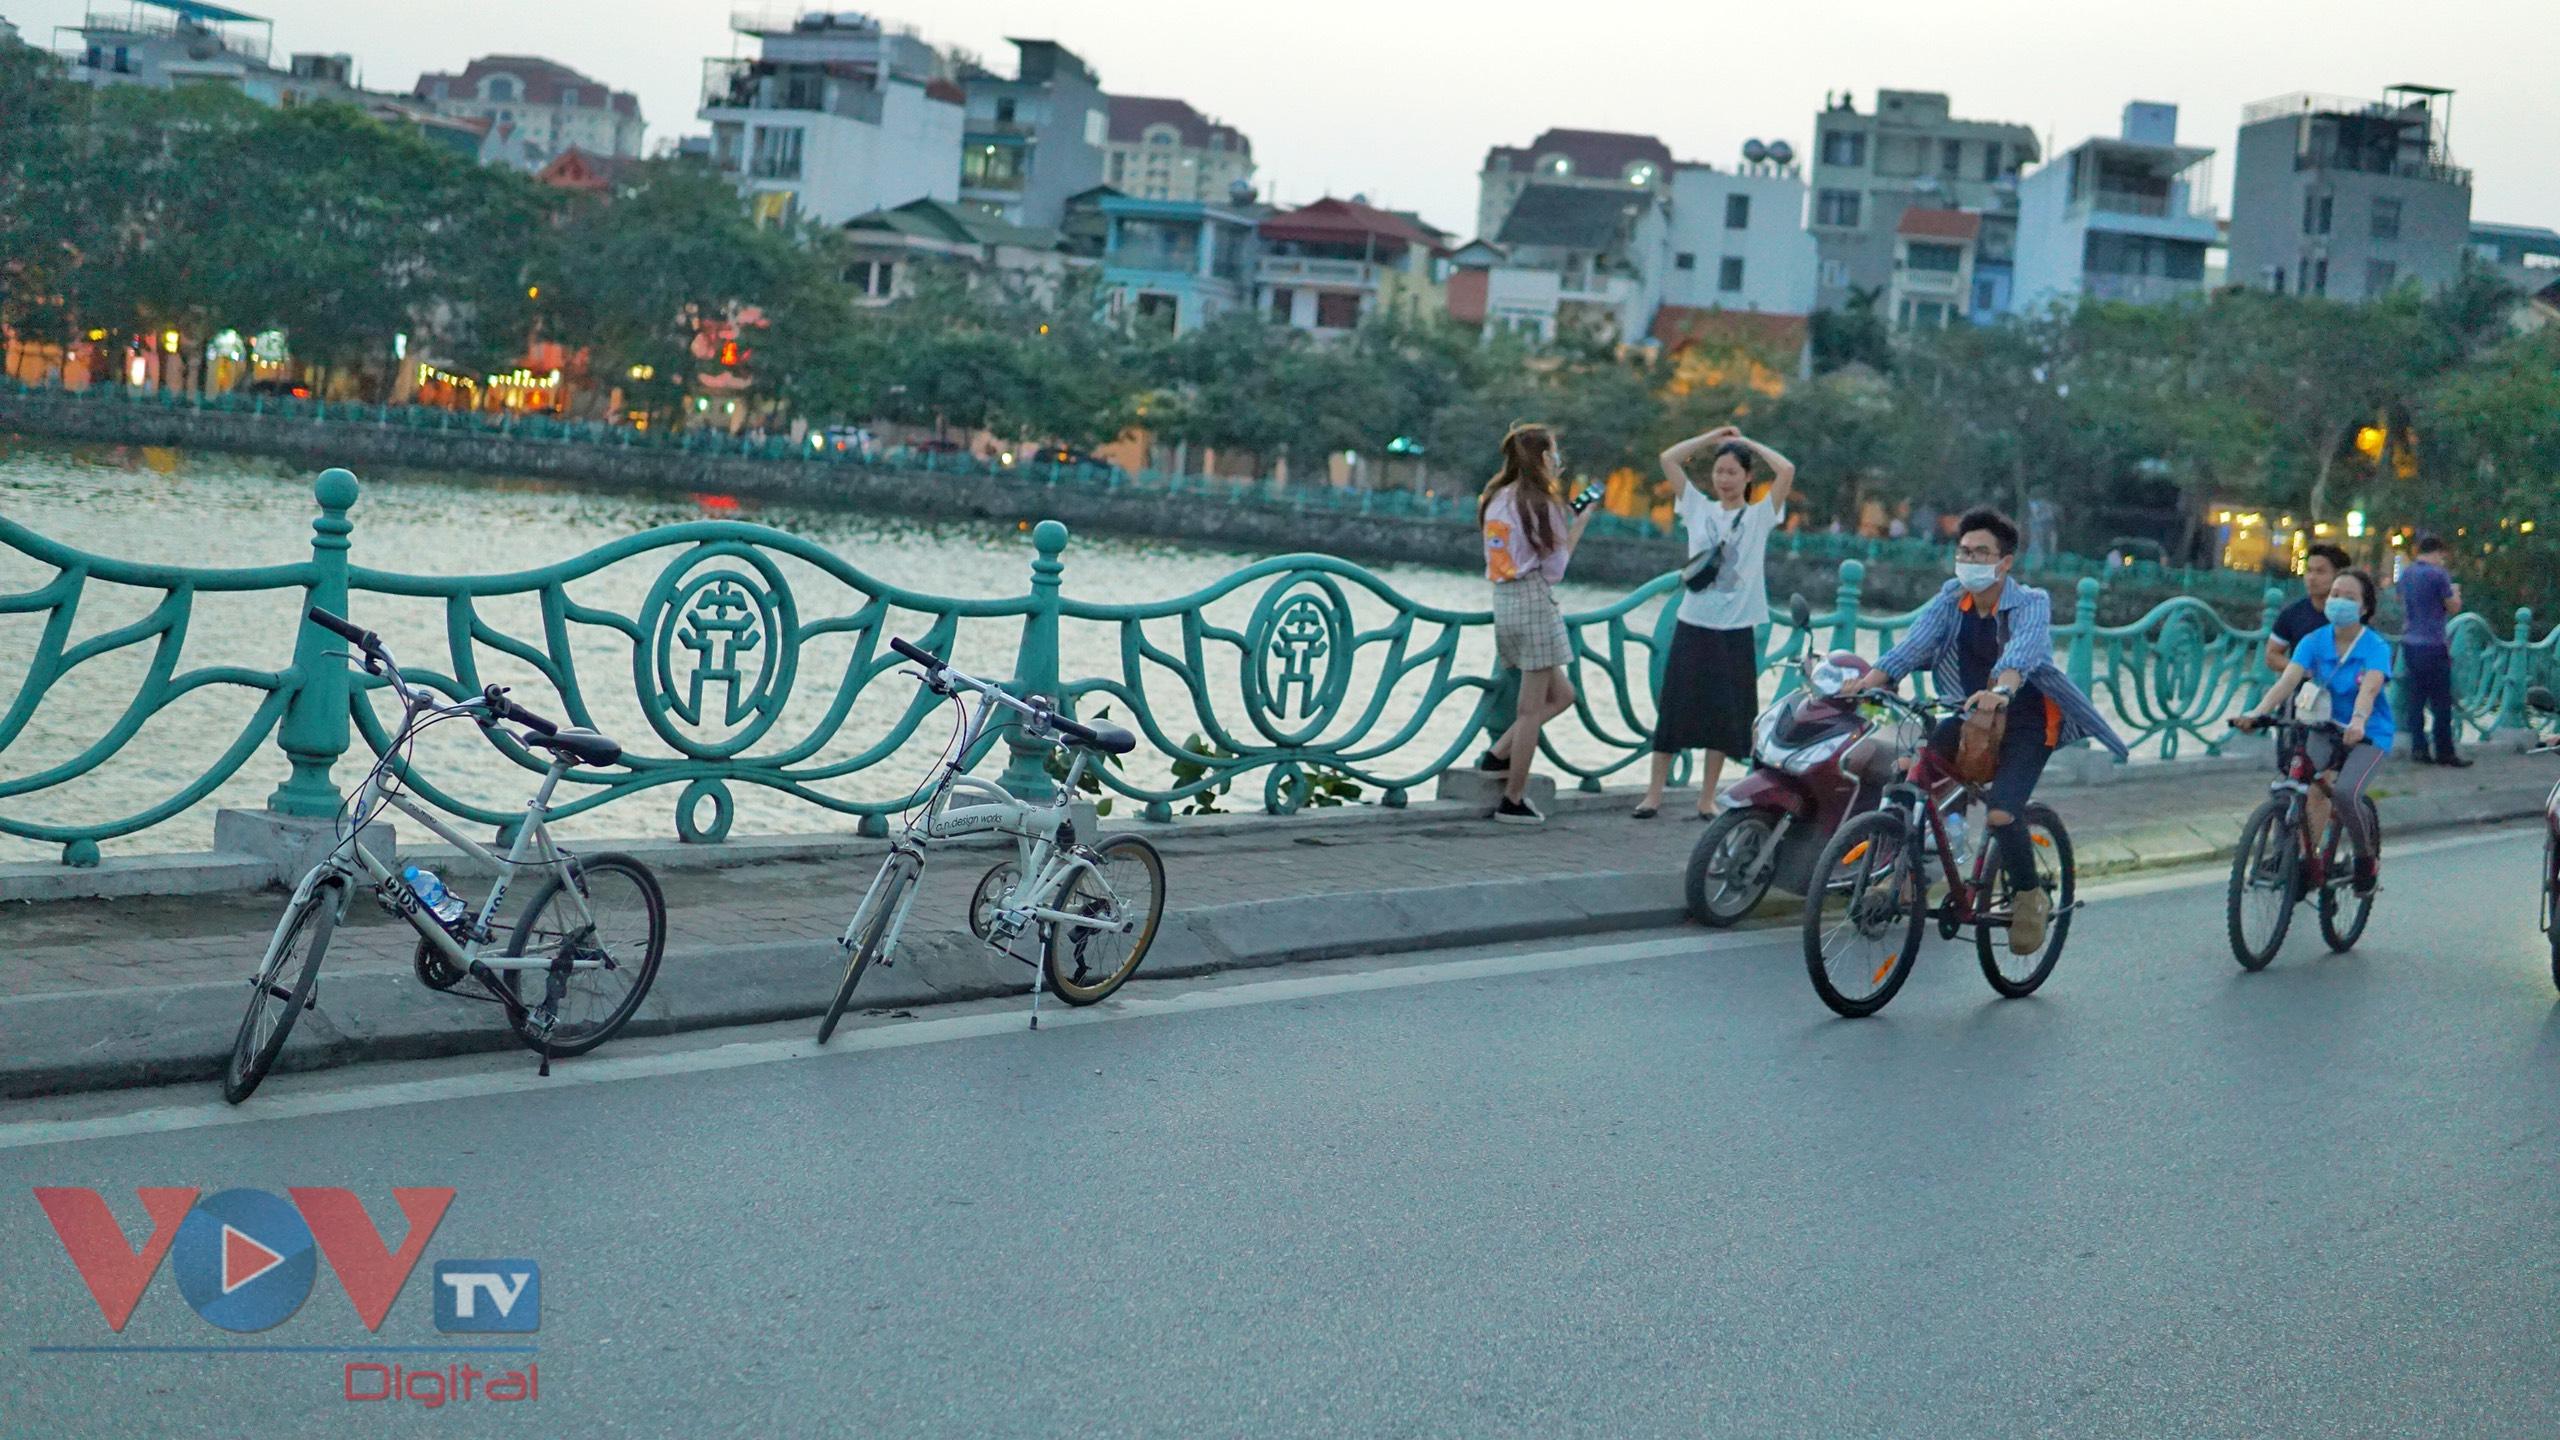 Trào lưu đạp xe hồ Tây thu hút các bạn trẻ - Ảnh 2.